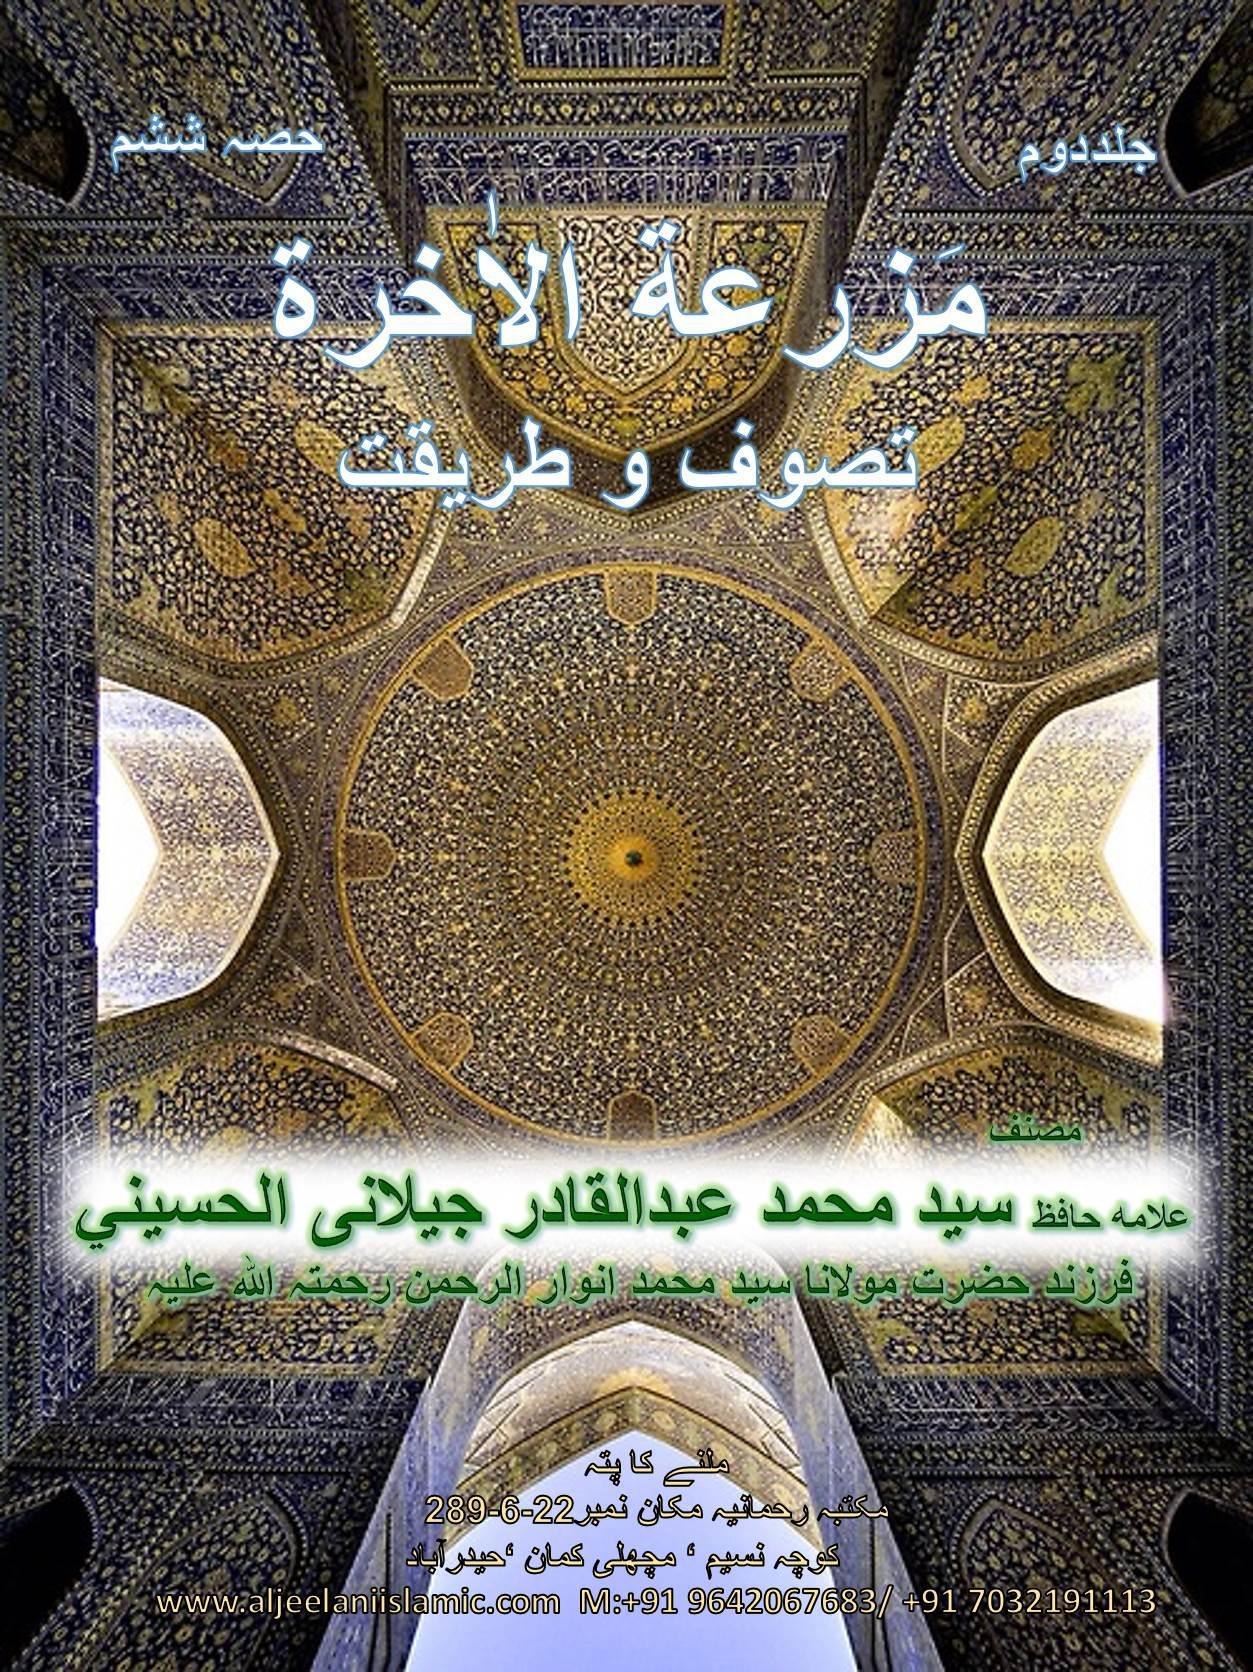 'irfan Islam